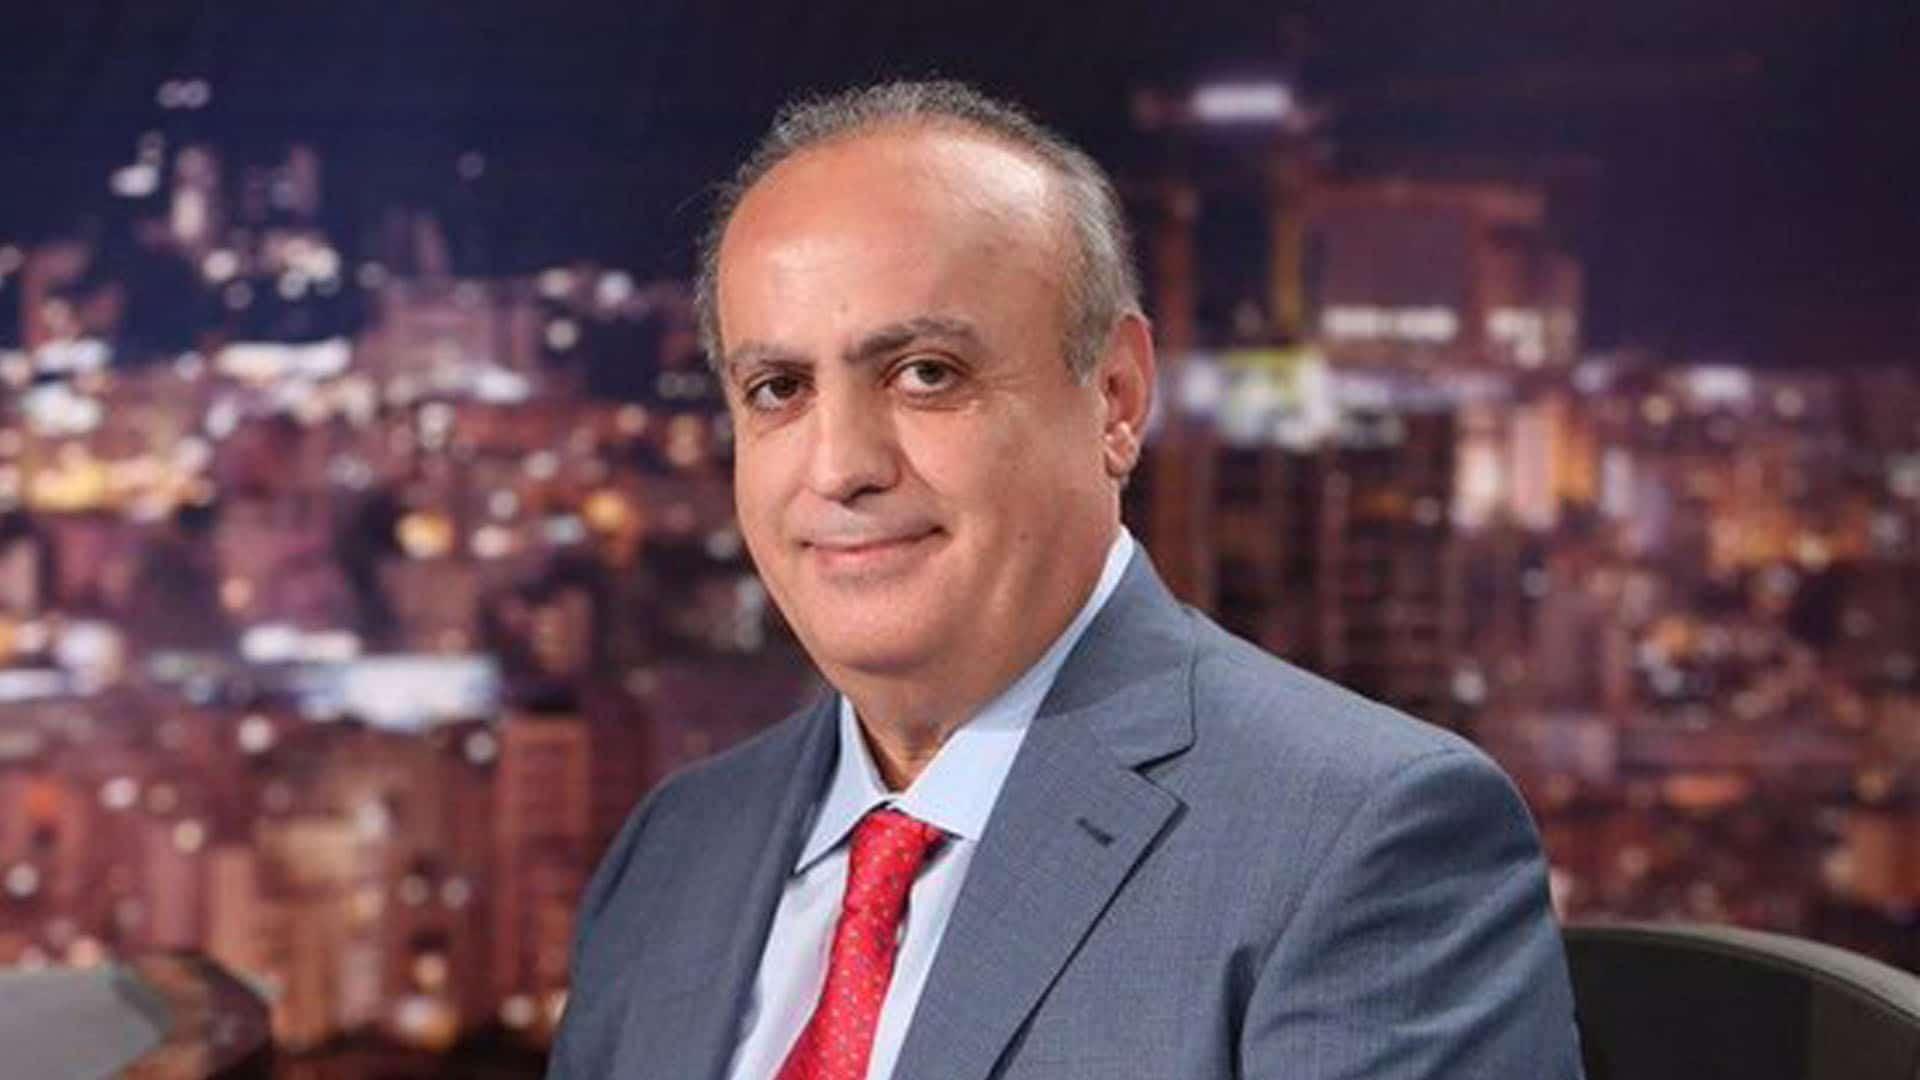 """وئام وهاب يهاجم قطر لموقفها من الأسد:"""" مشيخة تخريب يجب عزلها عربيا"""""""